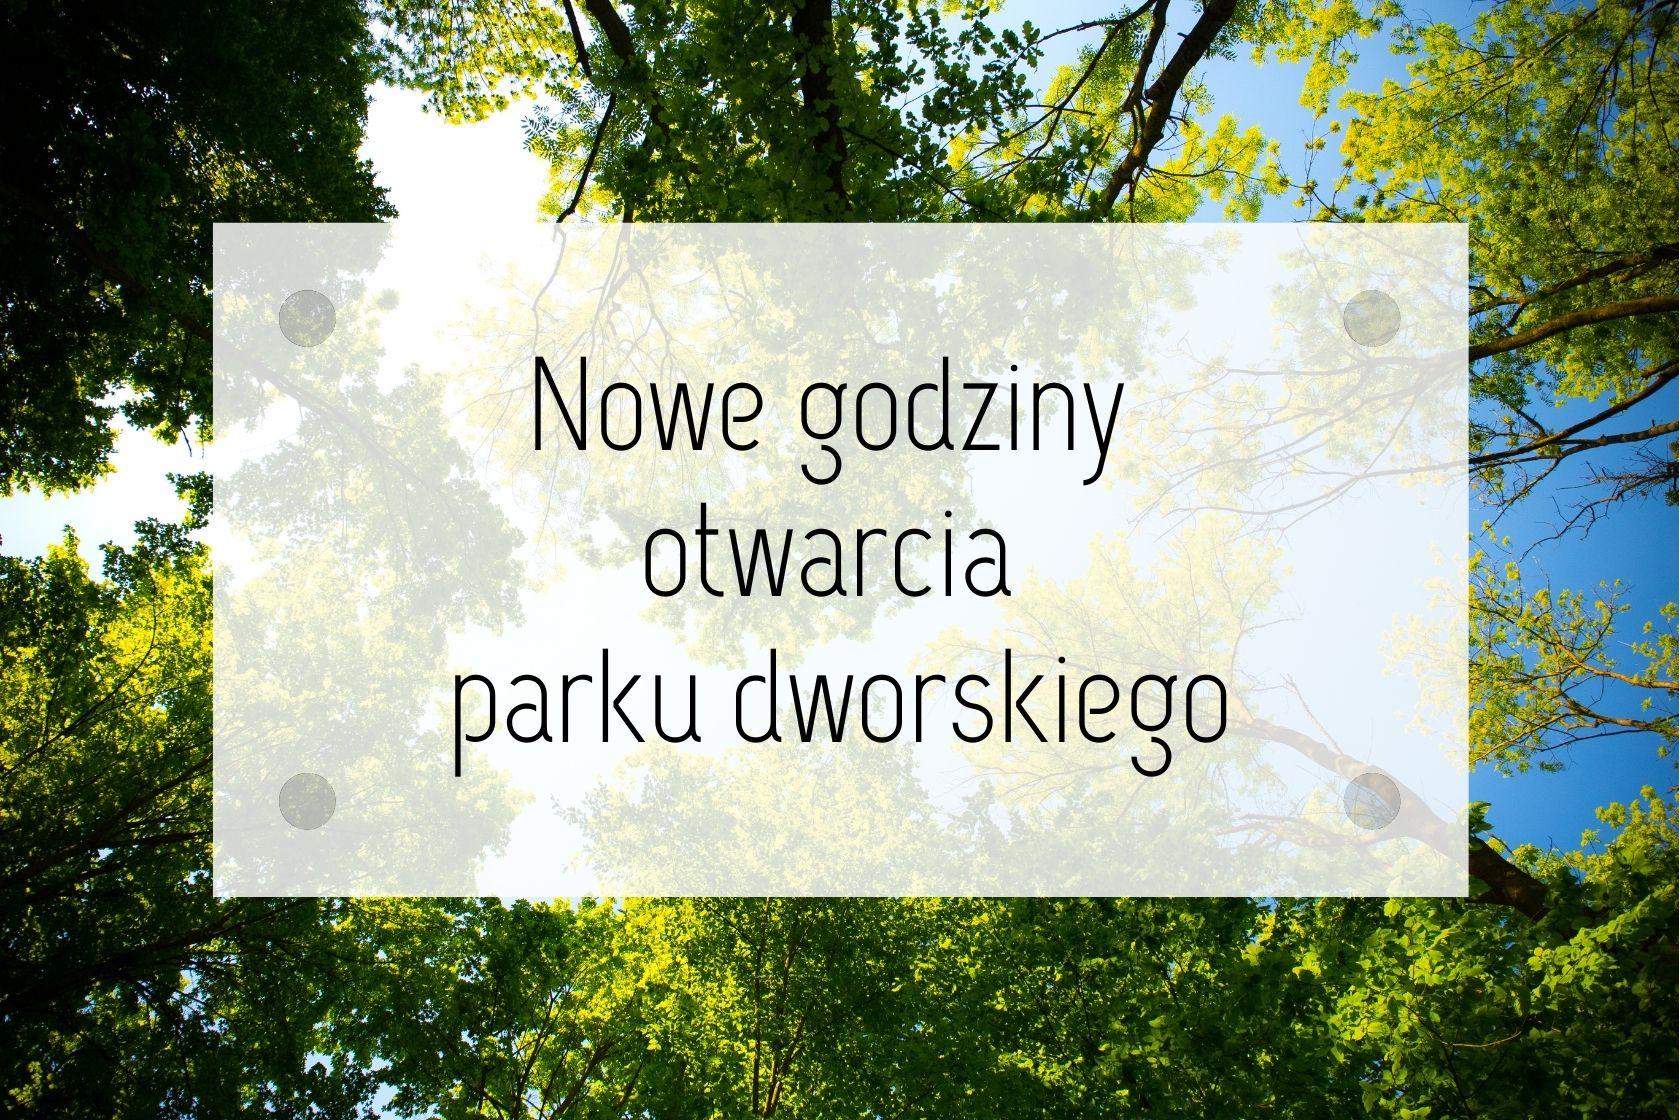 Nowe godziny otwarcia parku dworskiego w kwietniu